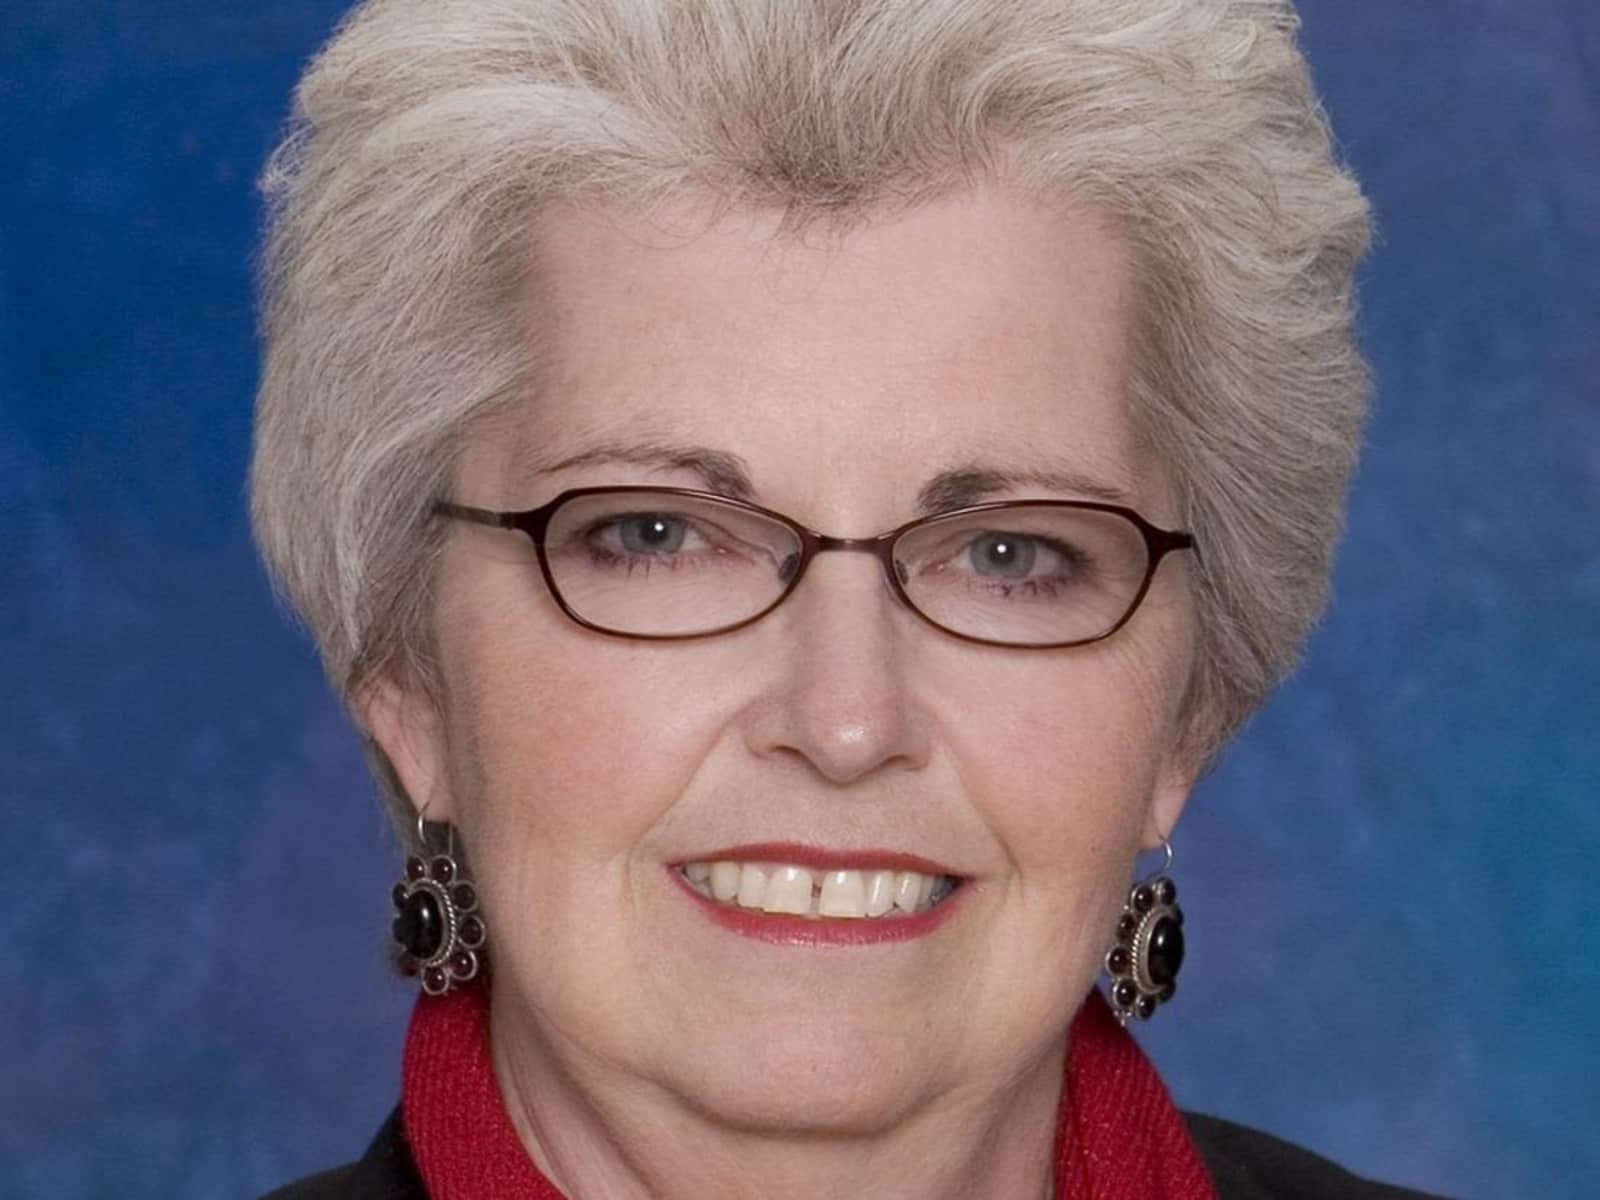 Debbie from Edmonton, Alberta, Canada